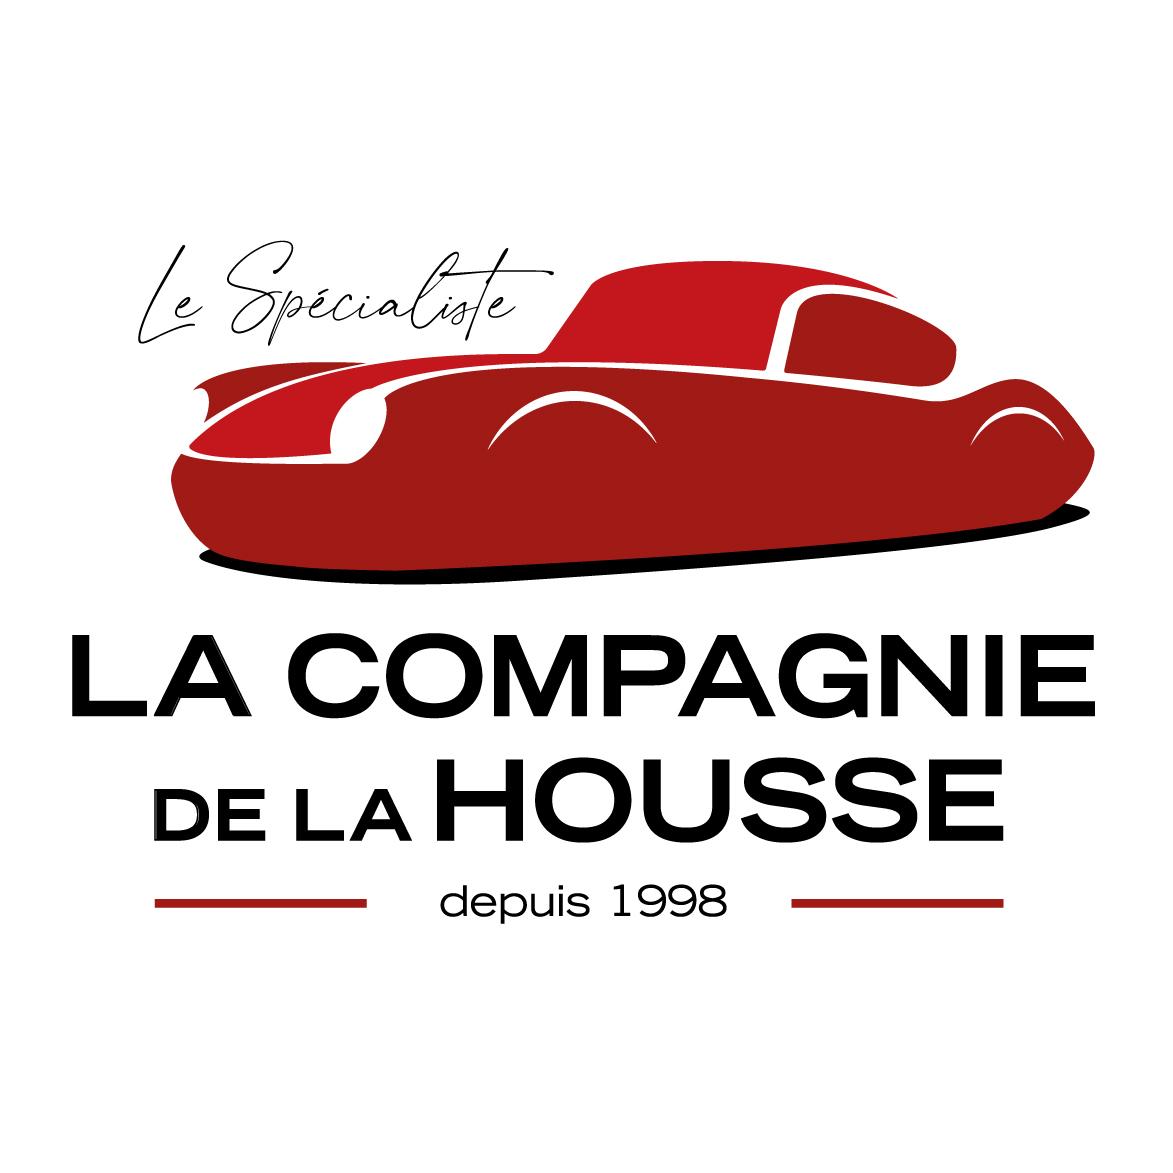 Compagnie de la Housse